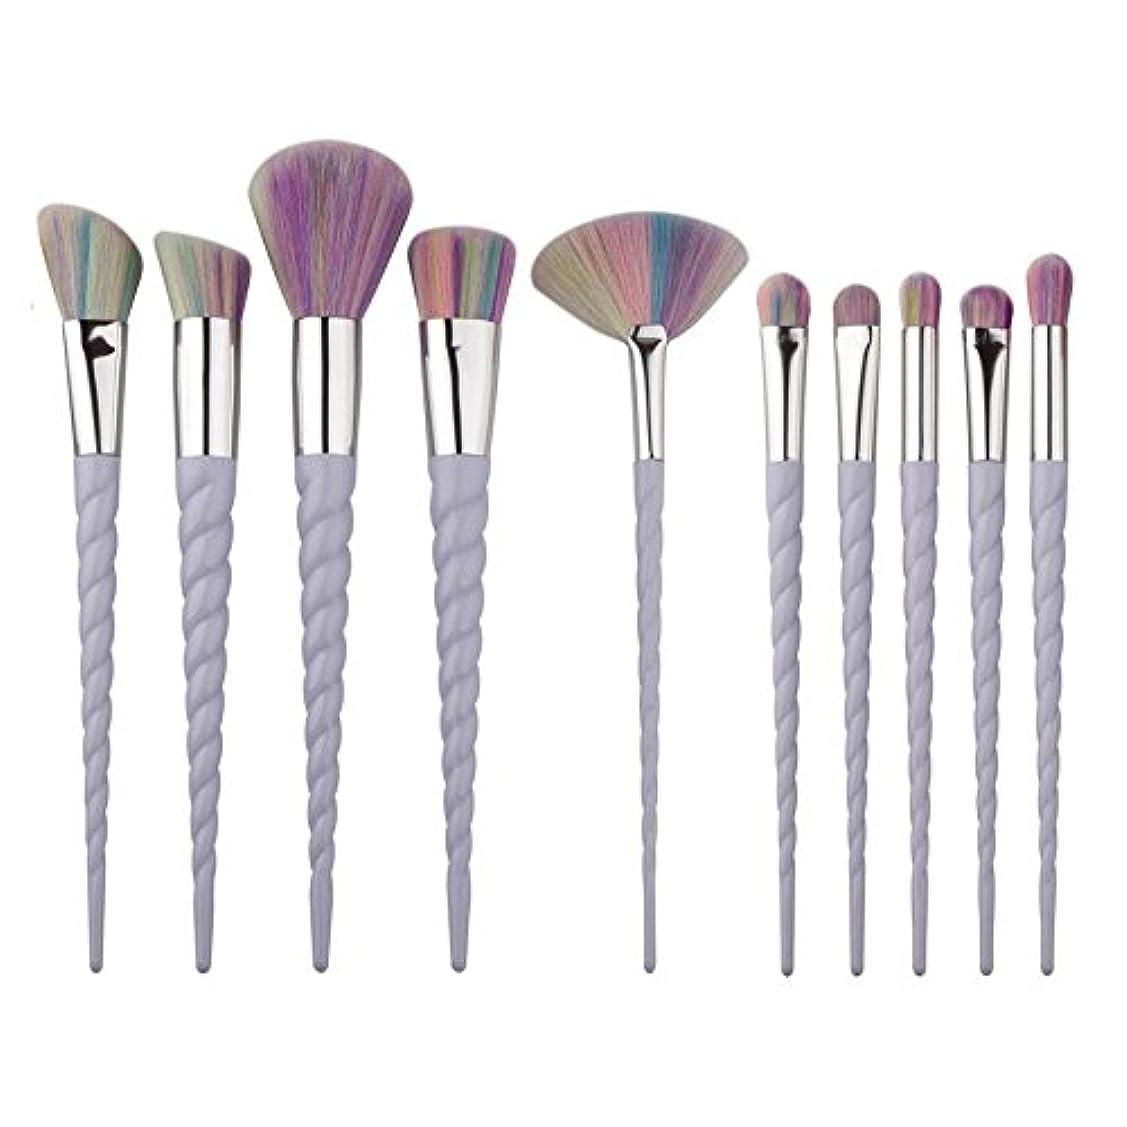 永久スマート発明Dilla Beauty 10本セットユニコーンデザインプラスチックハンドル形状メイクブラシセット合成毛ファンデーションブラシアイシャドーブラッシャー美容ツール (ホワイト-1)